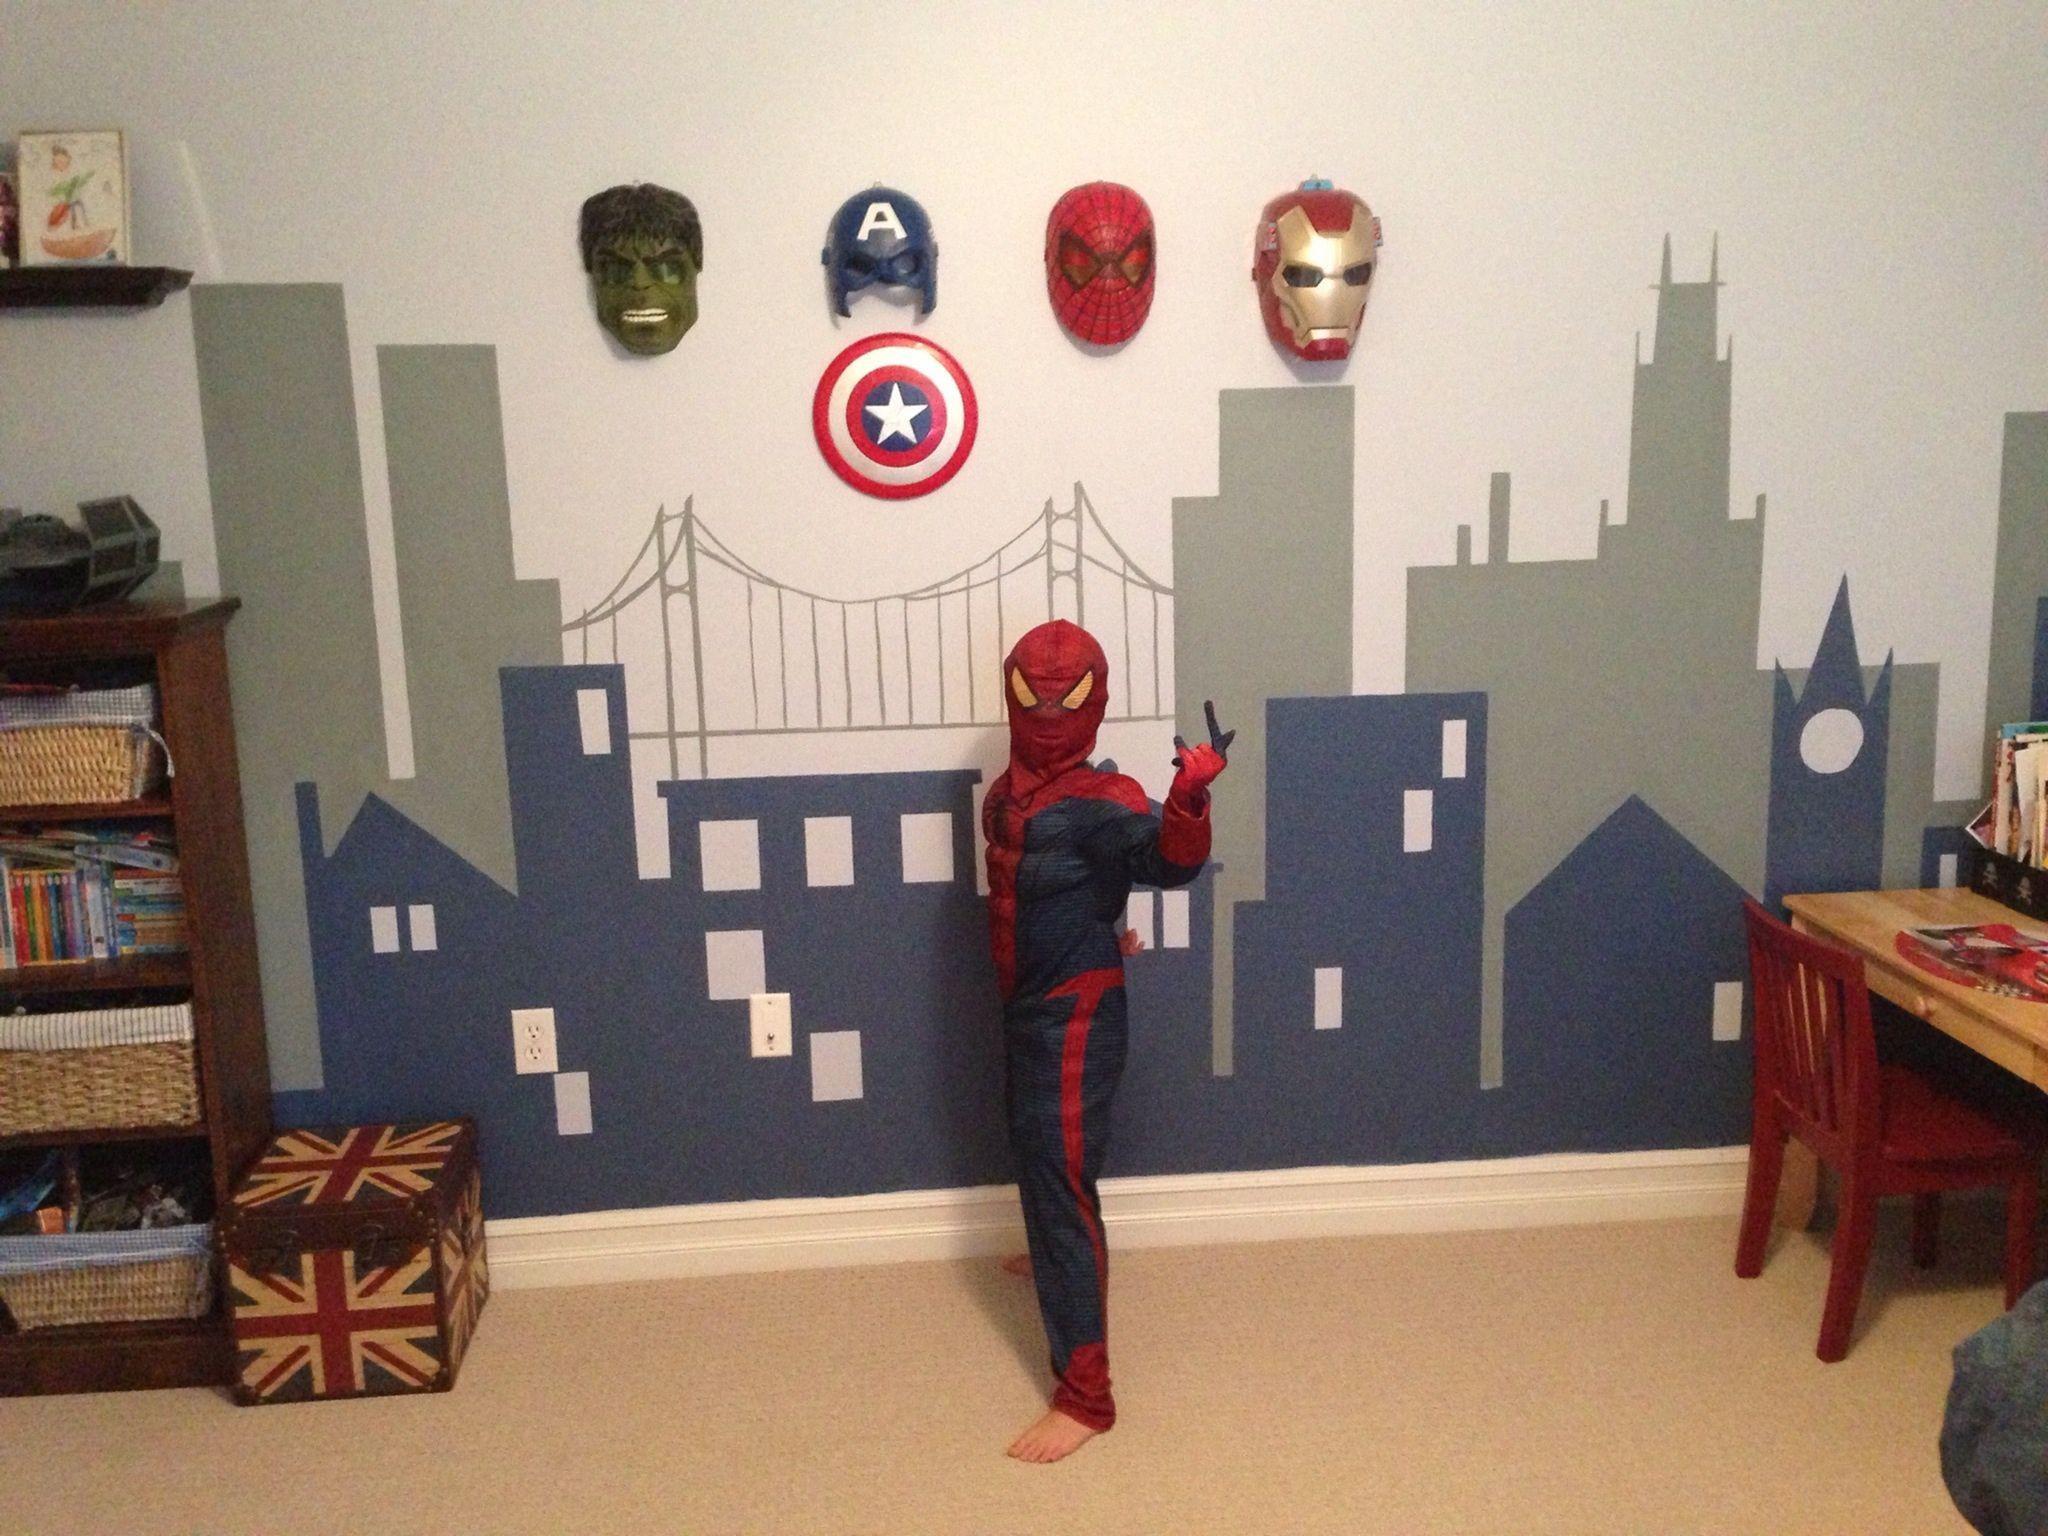 Outstanding Interesting 20 Marvel Bedroom Decorating Ideas Https Hroomy Com Bedroom Interesting 20 Marvel Bedroom D Marvel Room Marvel Bedroom Avengers Room